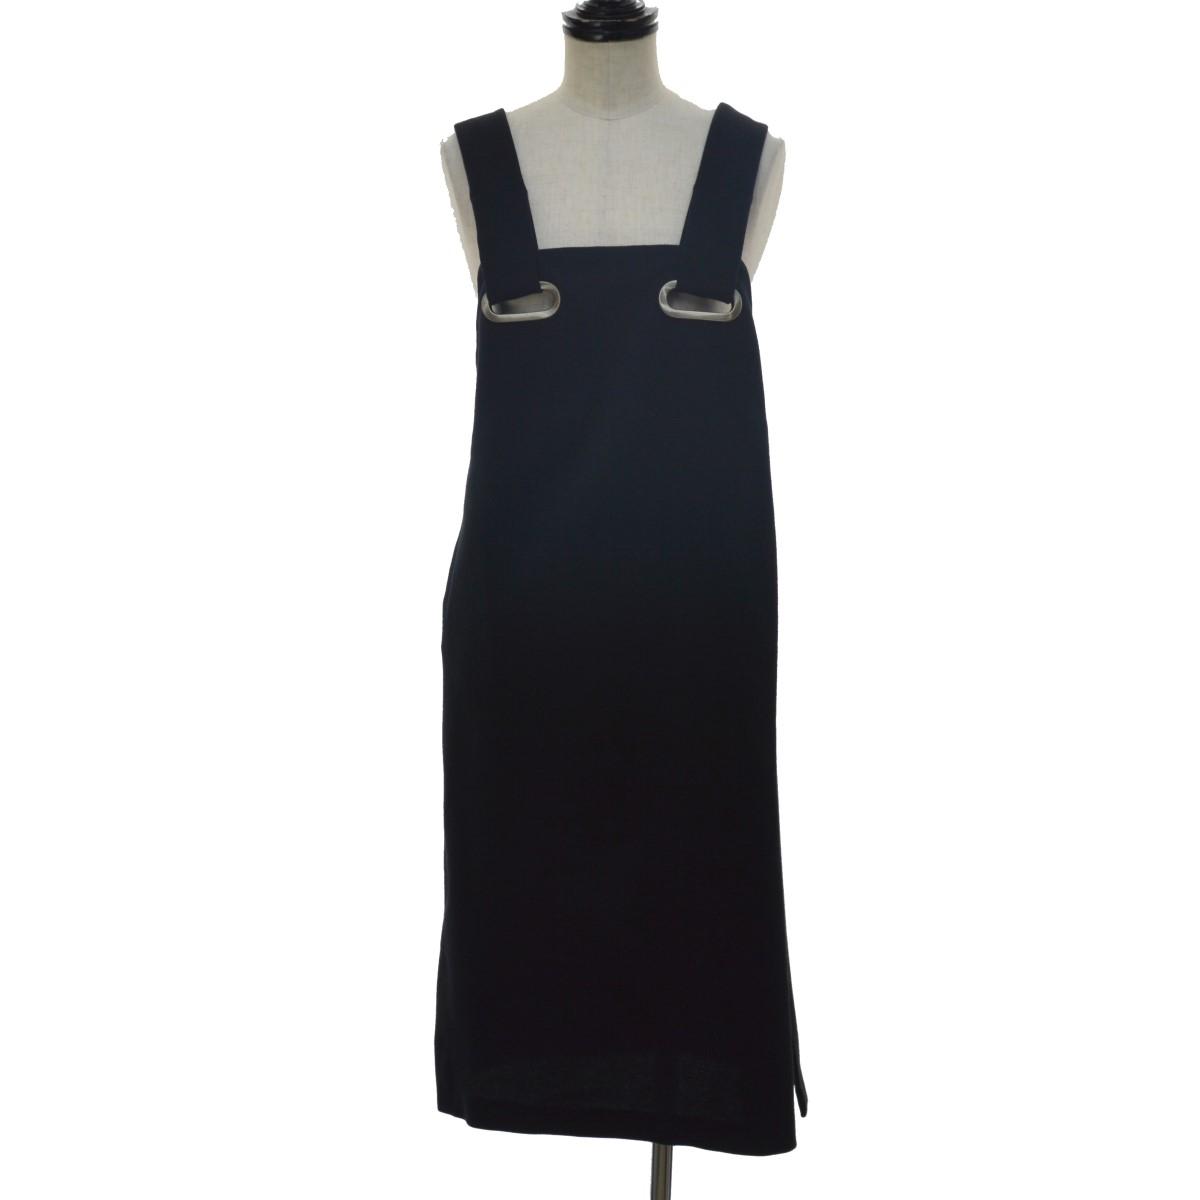 【中古】TOGA PULLA 17SS サイドスリットドレス ネイビー サイズ:38 【180420】(トーガ プルラ)